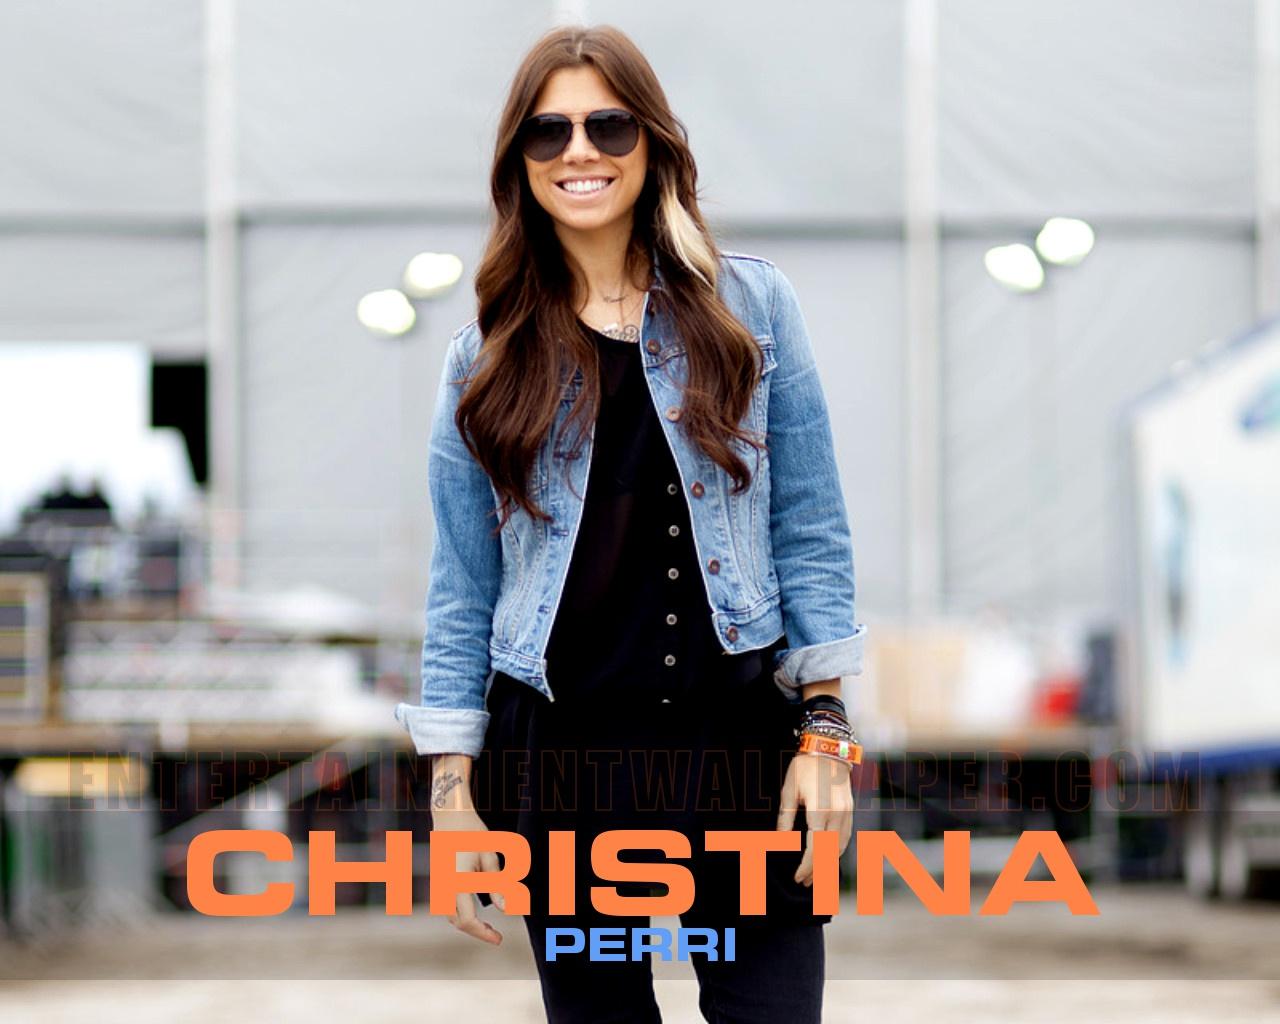 Christina Perri Wallpaper   40034247 1280x1024 Desktop Download 1280x1024